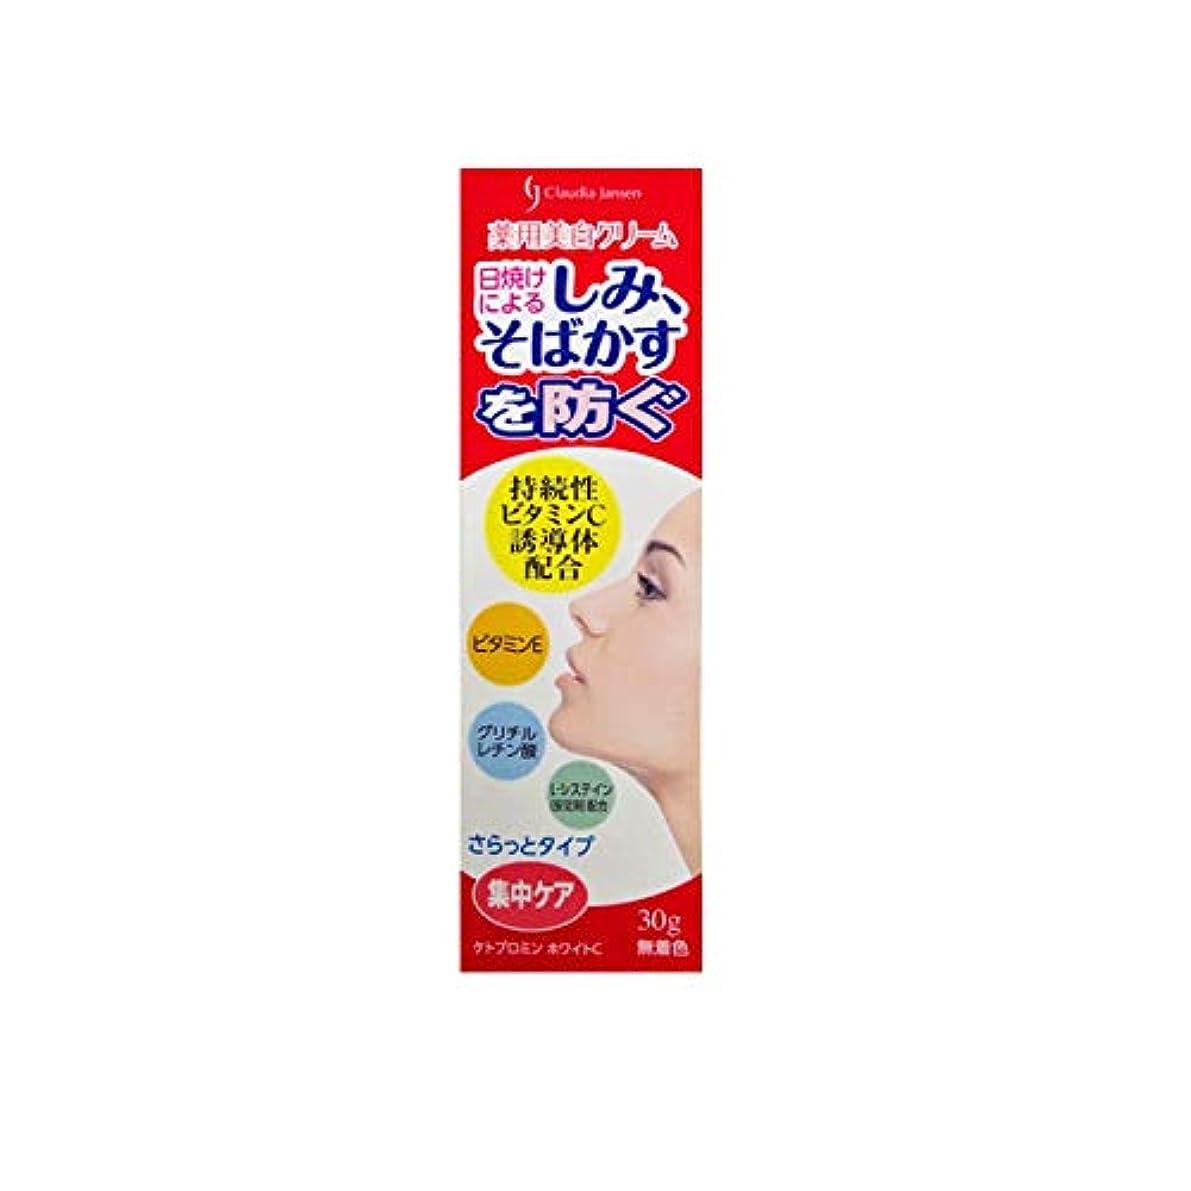 動揺させる誠実さ保証三友薬品 医薬部外品 薬用ホワイトニングクリームC 30g